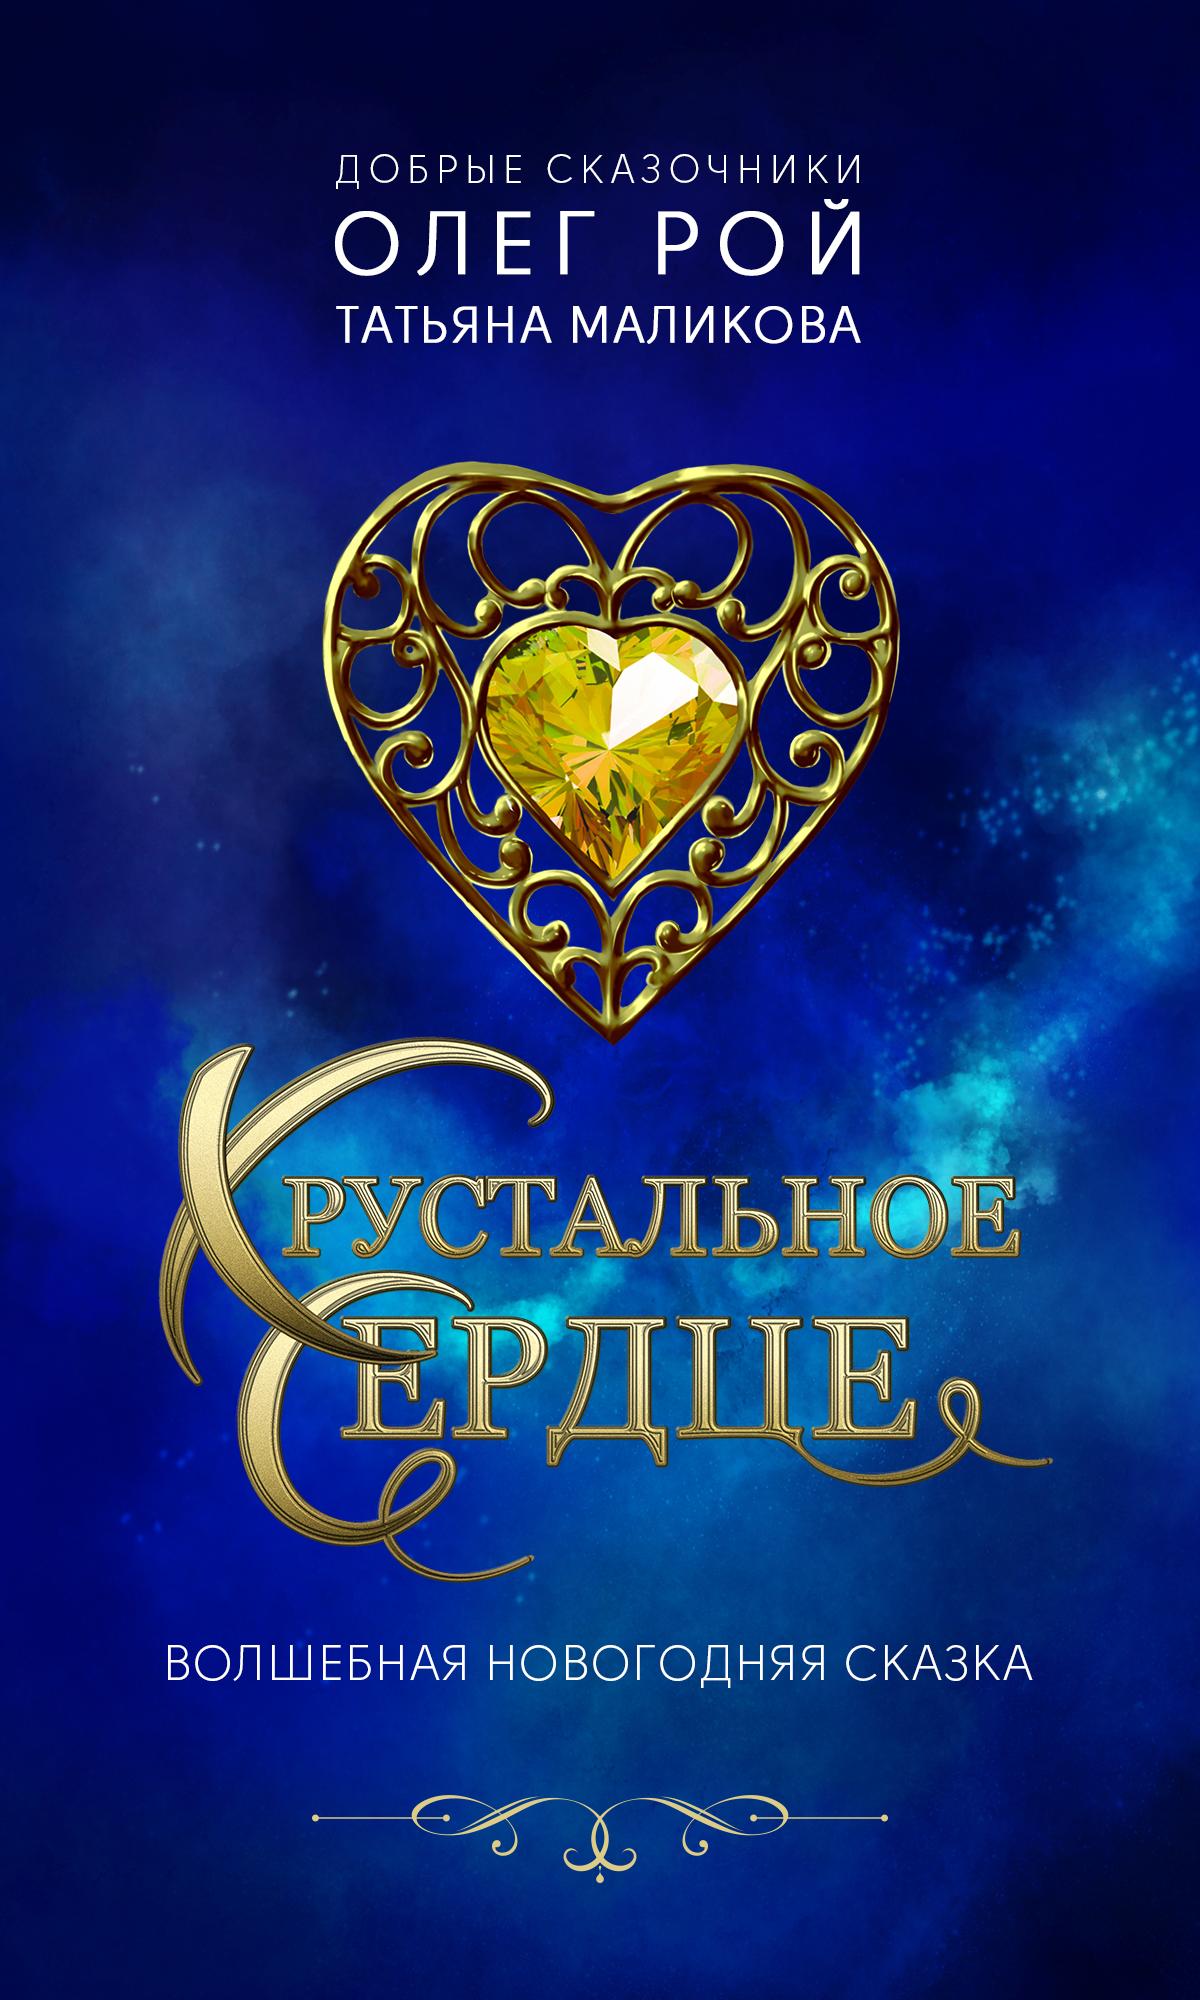 Купить книгу Хрустальное сердце, автора Олега Роя